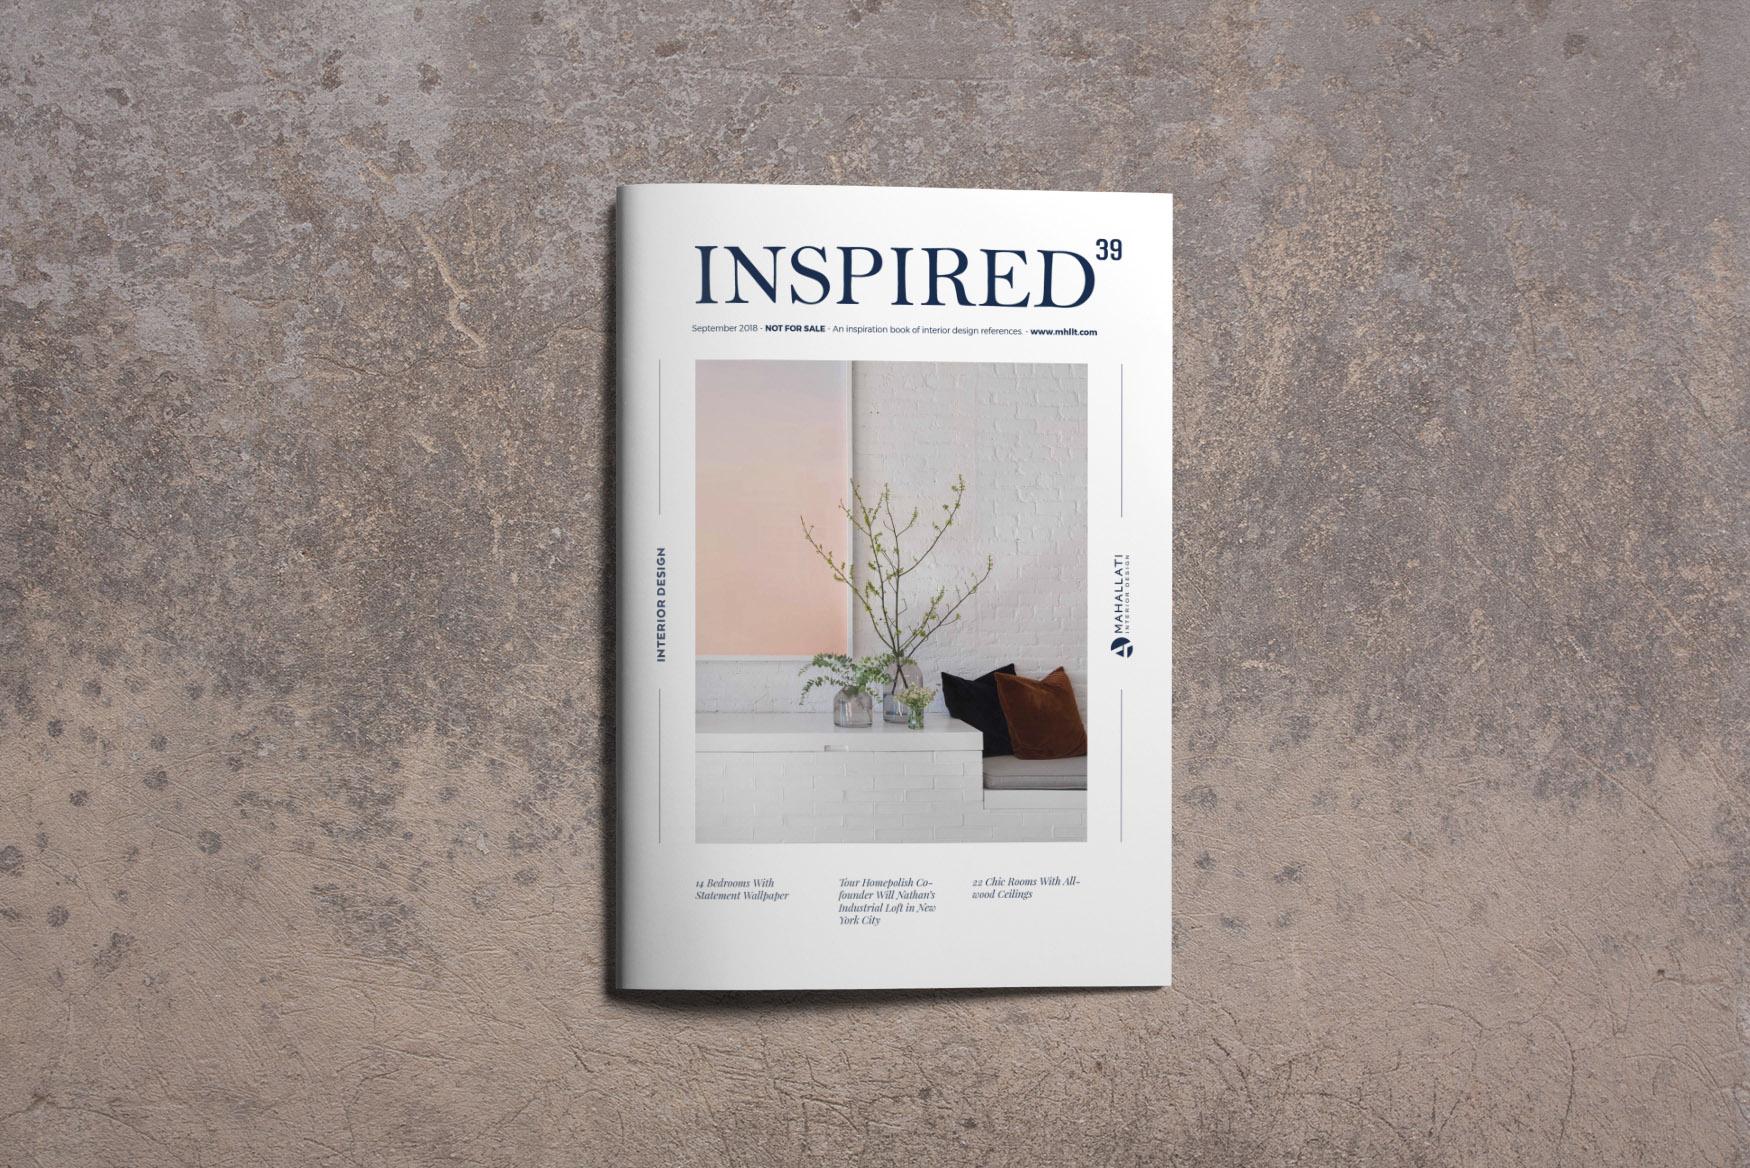 Inspired Vol 39 - September 2018